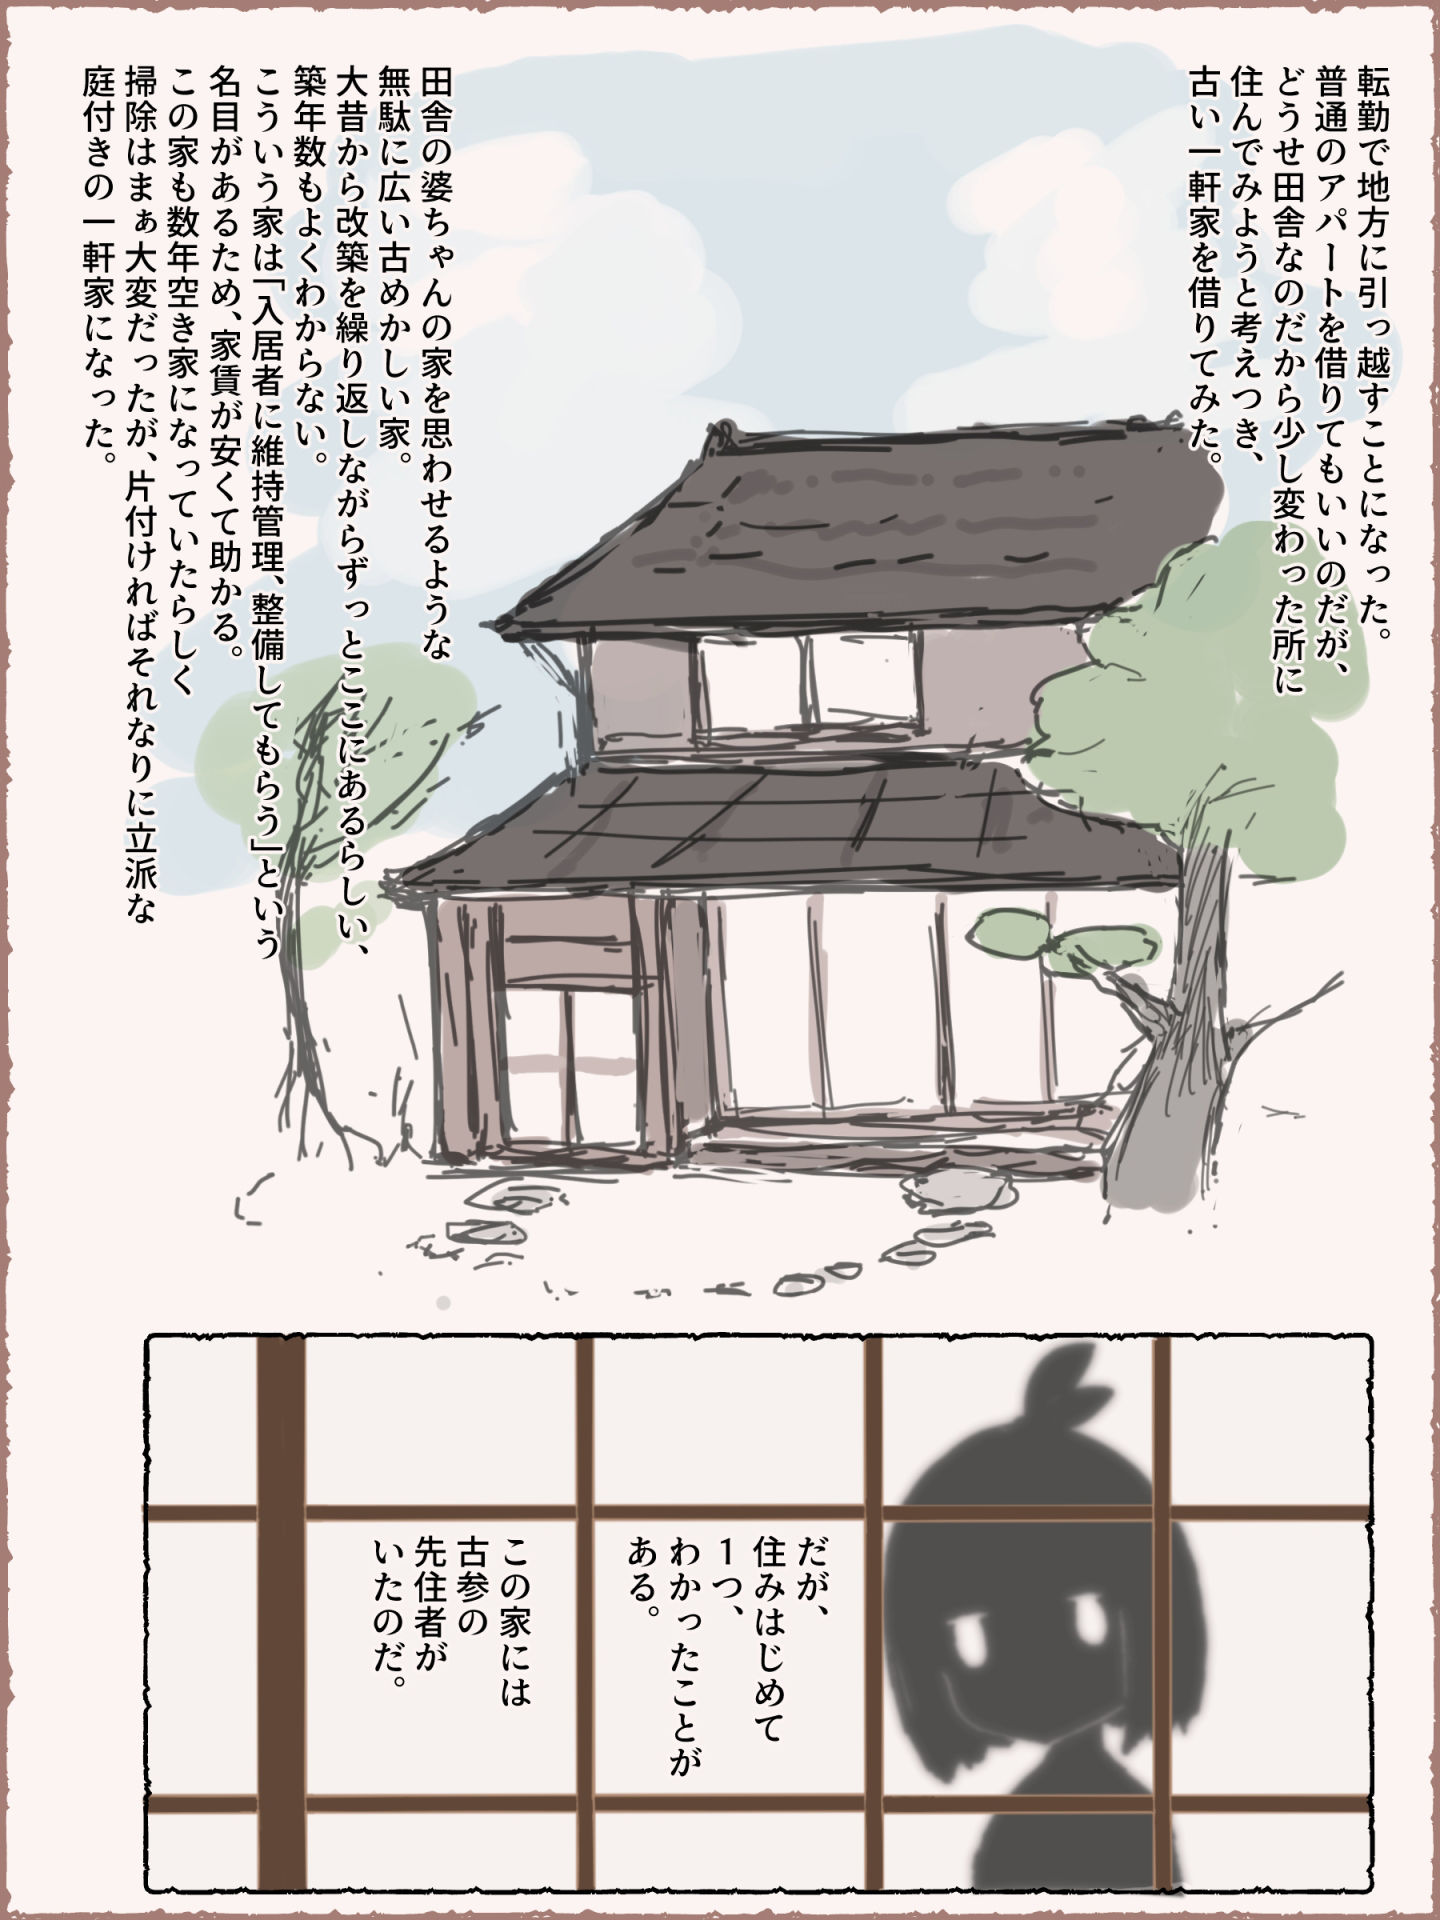 座敷わらしちゃんの色仕掛け 同人誌エロ画像